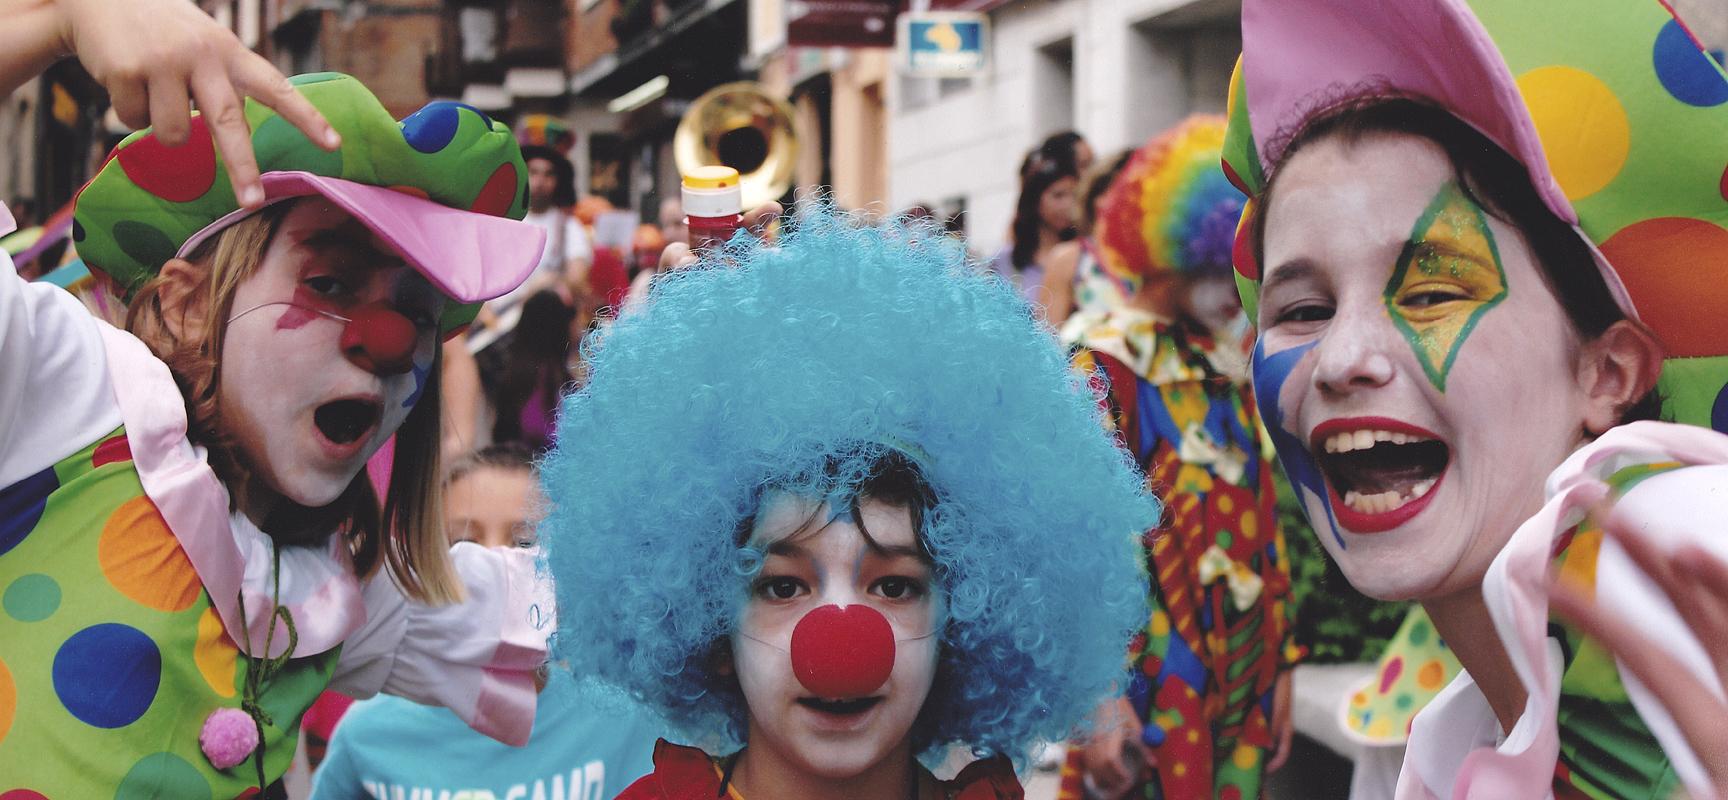 """Fotografía """"Sonrisas"""" de Manuel Herrero, ganadora del II Maratón Fotográfico de Festeamus."""